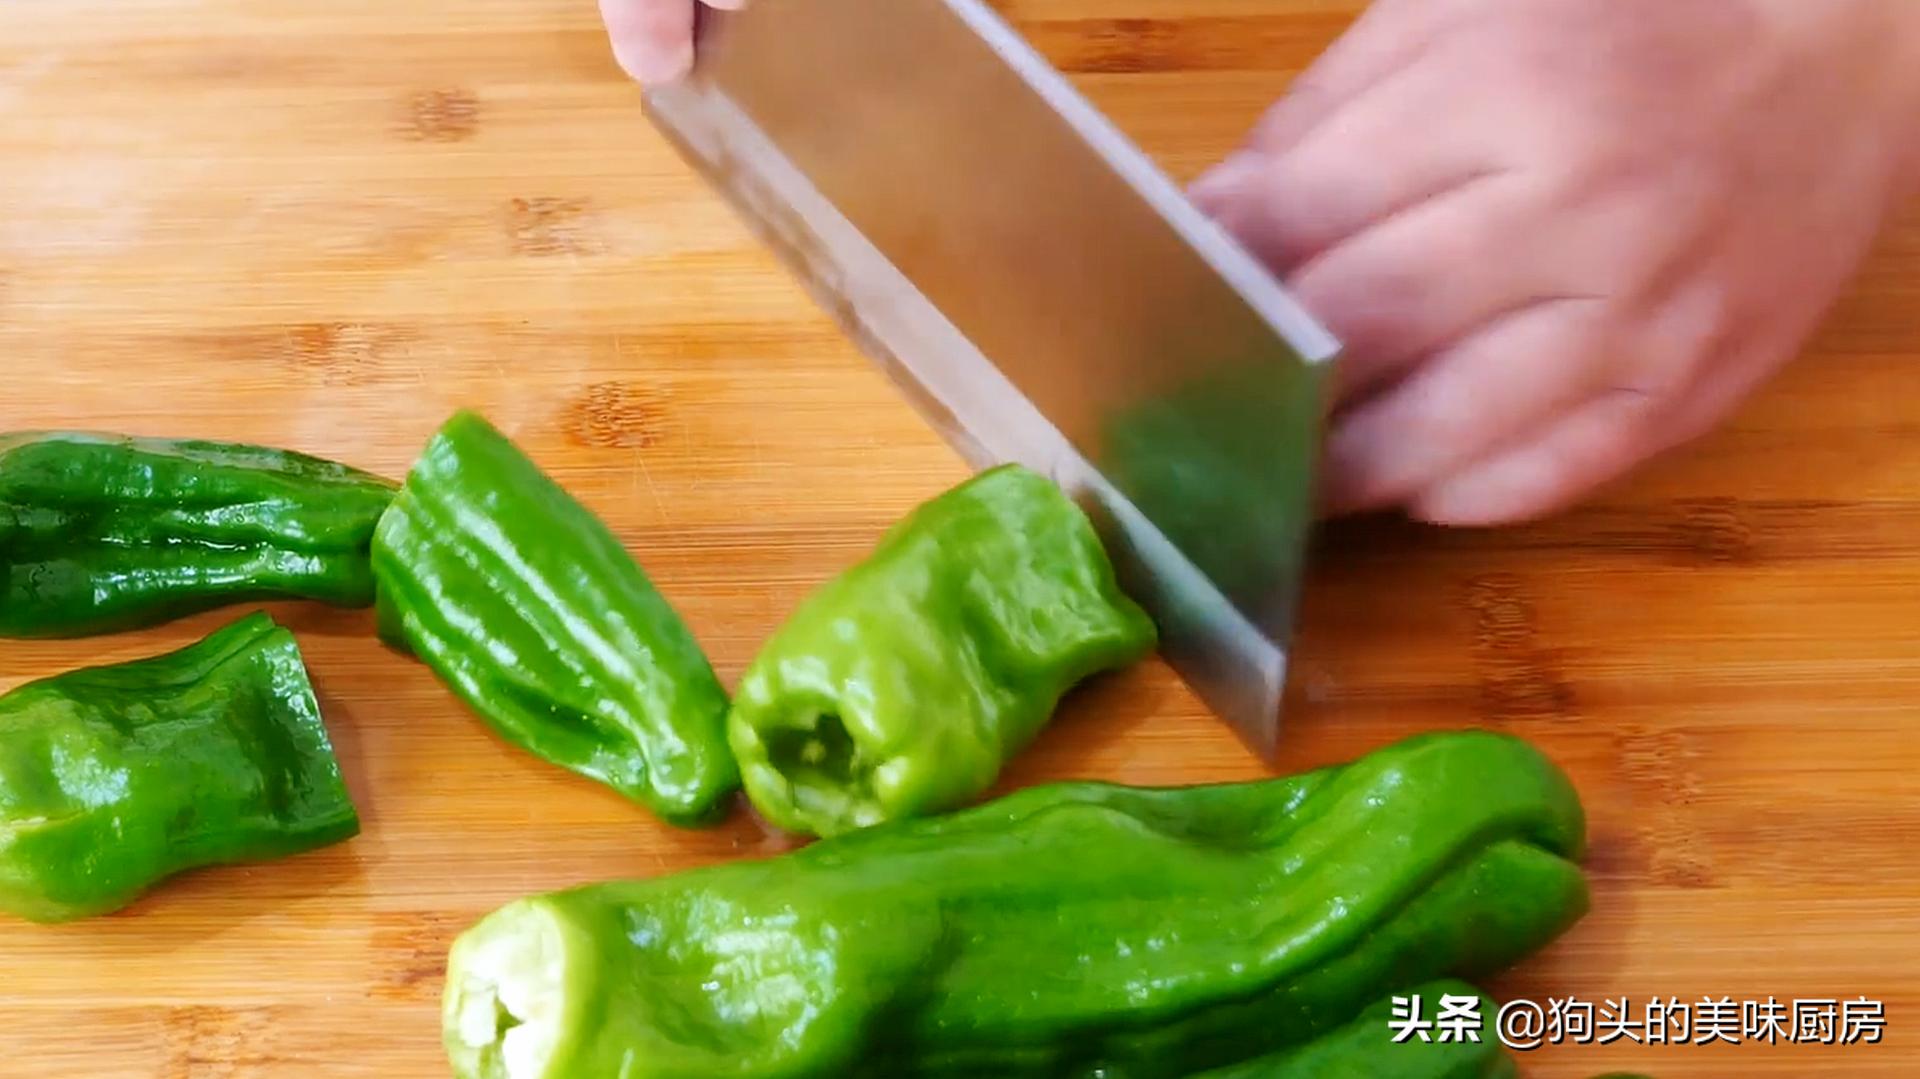 下饭神器虎皮青椒,学会这样做,好吃不油腻,一盘不够吃,真过瘾 美食做法 第4张